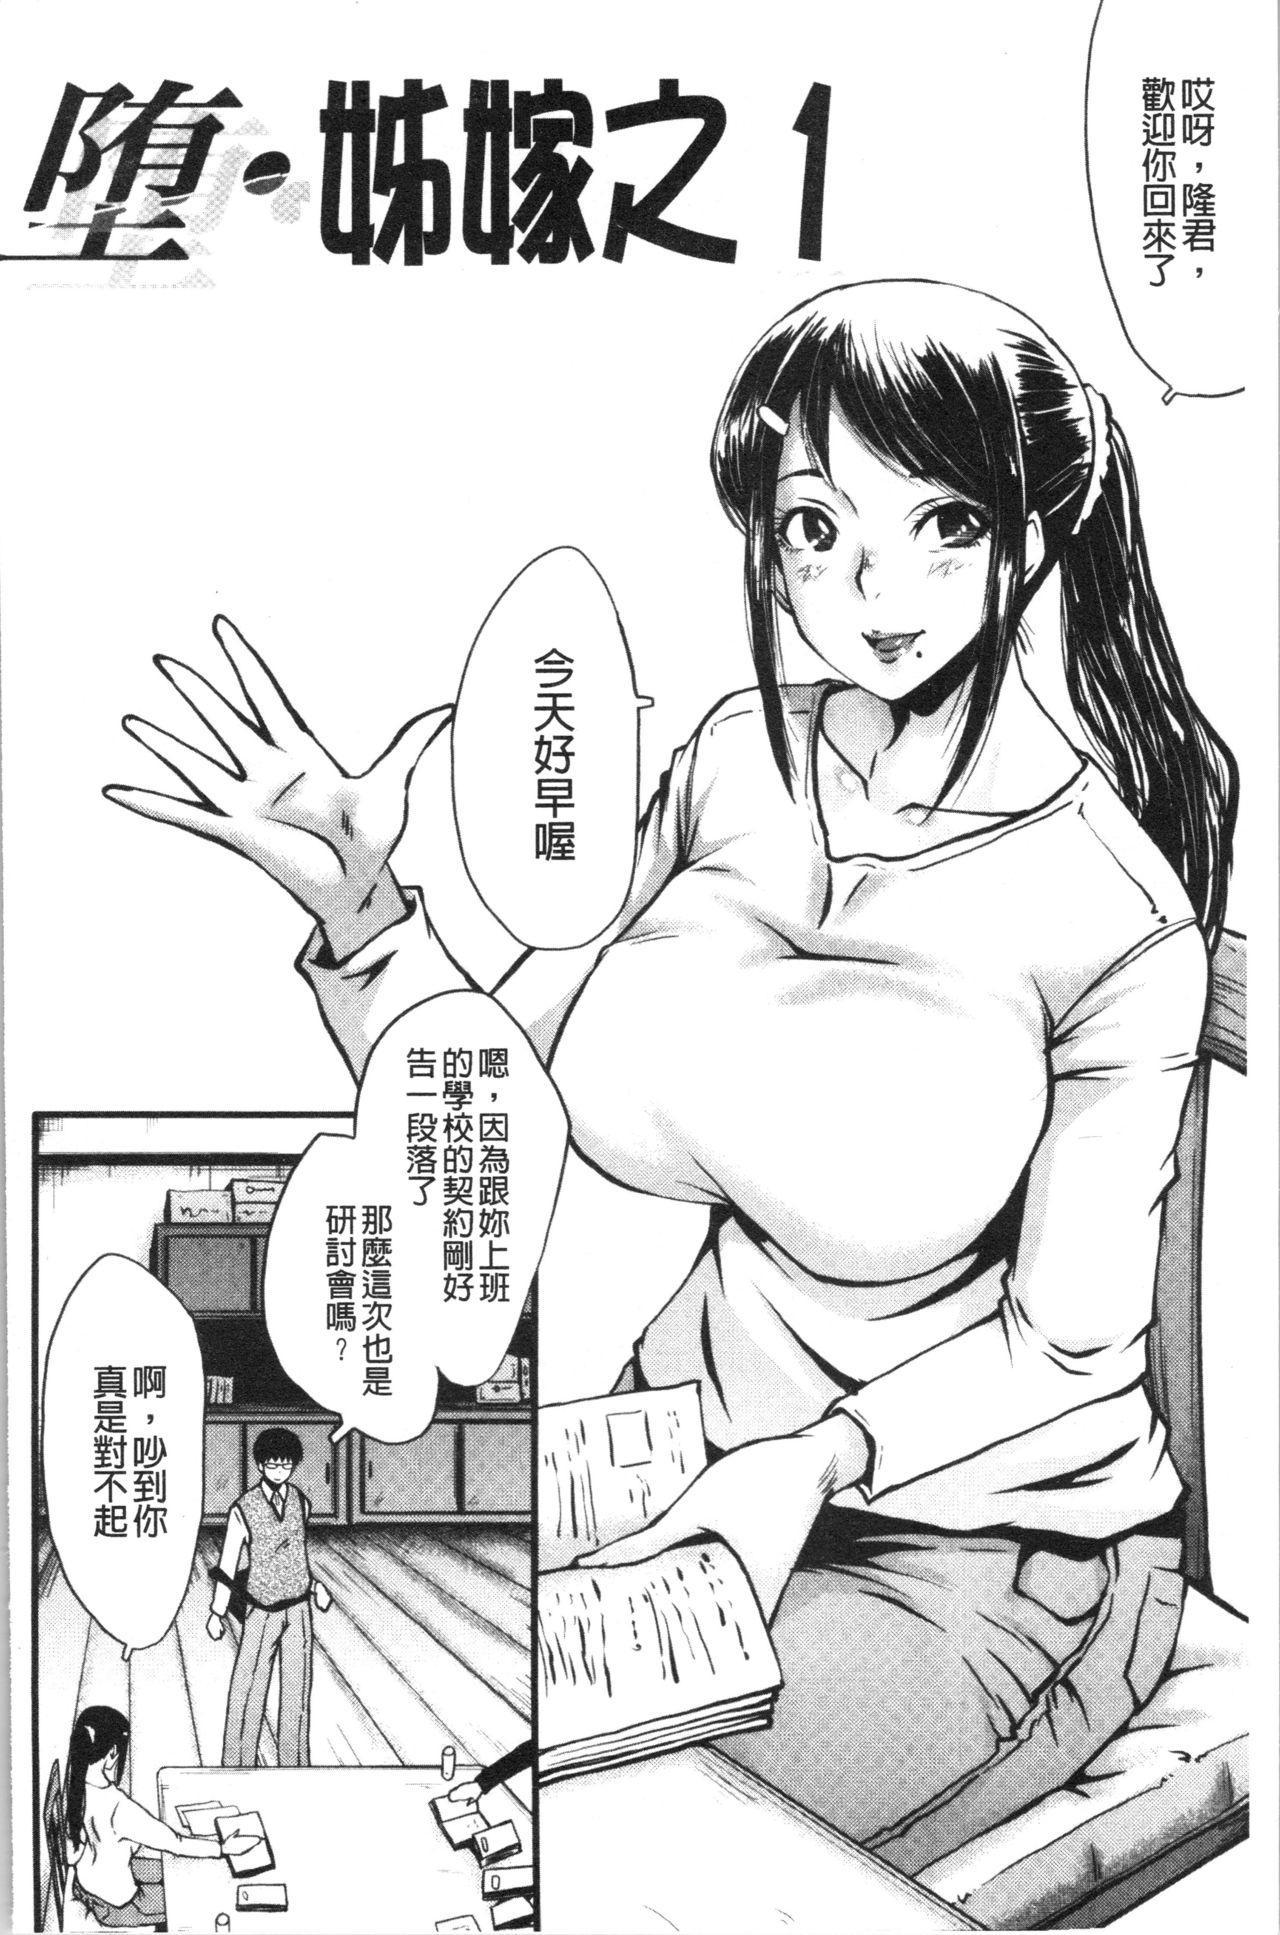 Bokuno Kanojo ga Kusogaki ni Netorareta Hanashi 5